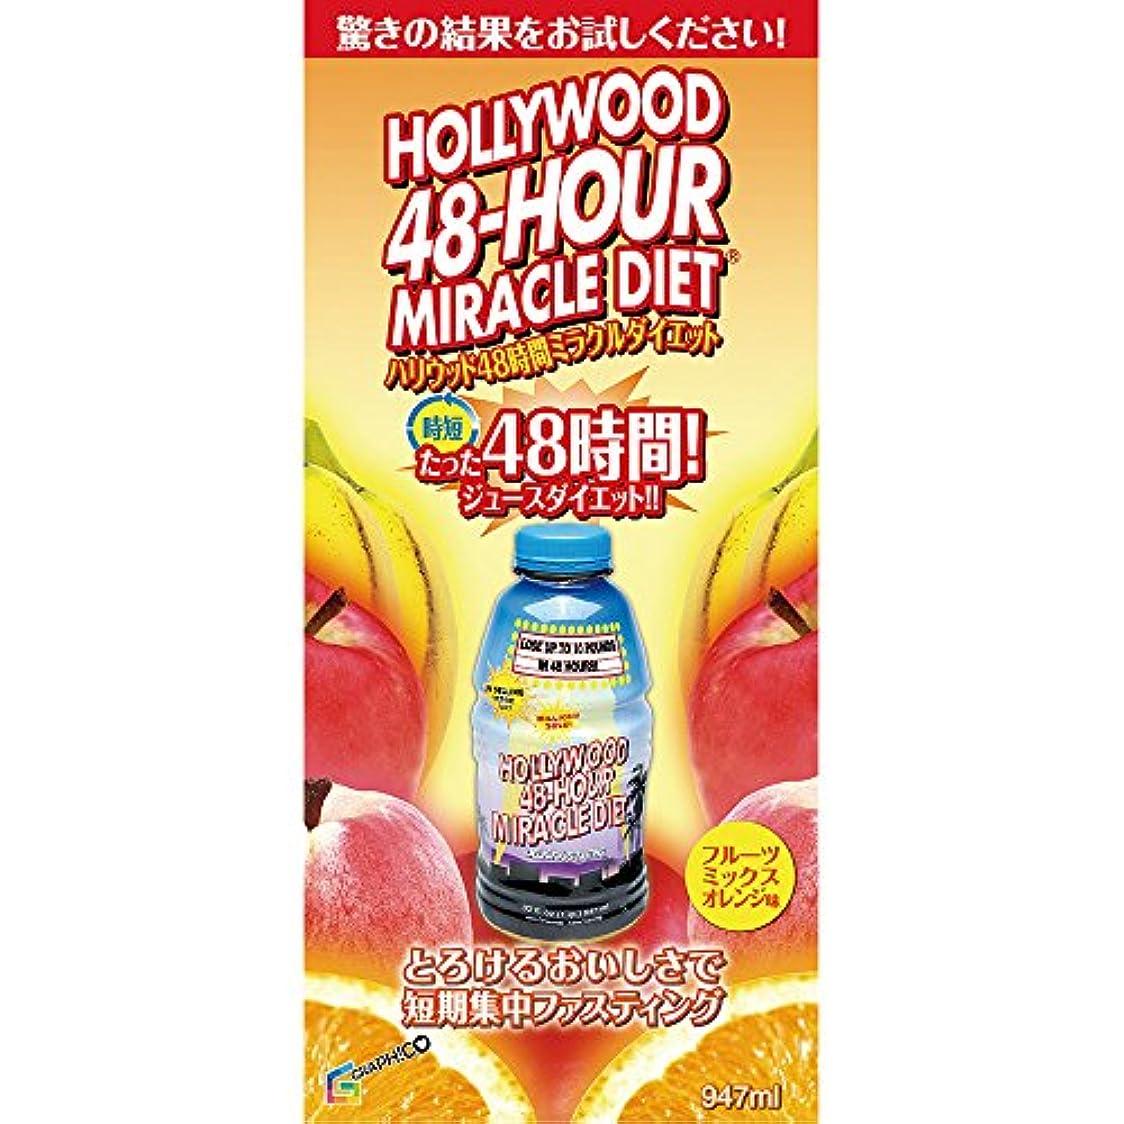 インスタンスディベート暗唱するハリウッド48時間 ミラクルダイエット (フルーツミックスオレンジ味) 947ml